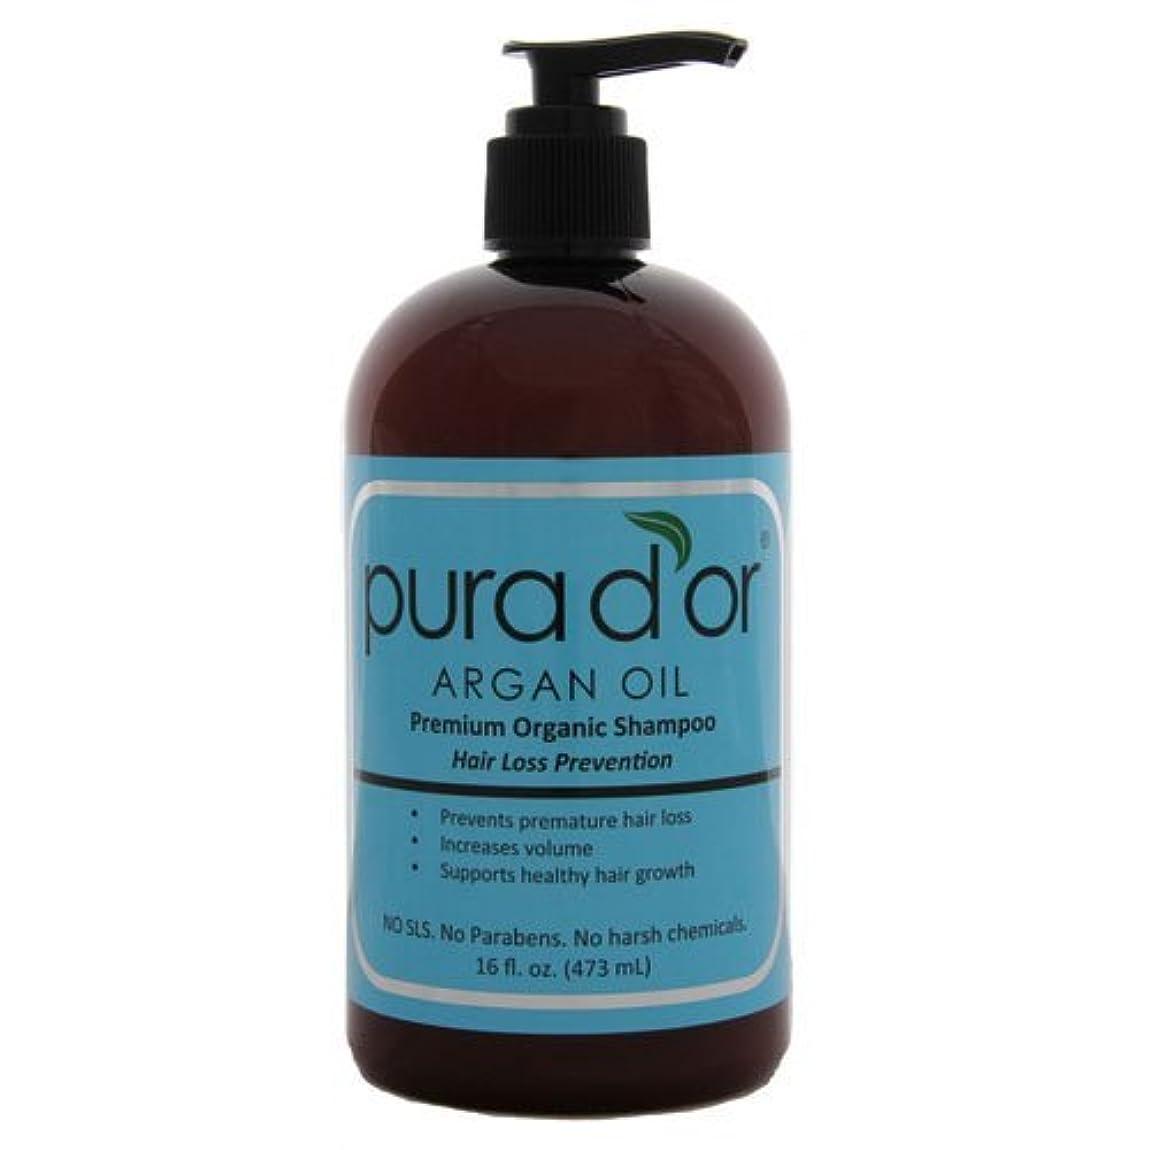 もっと少なく差し迫ったストラップ【オーガニック】 DHTブロッカー シャンプー男女兼用 470ml【並行輸入品】 Pura d'or Hair Loss Prevention Premium Organic Shampoo 16oz